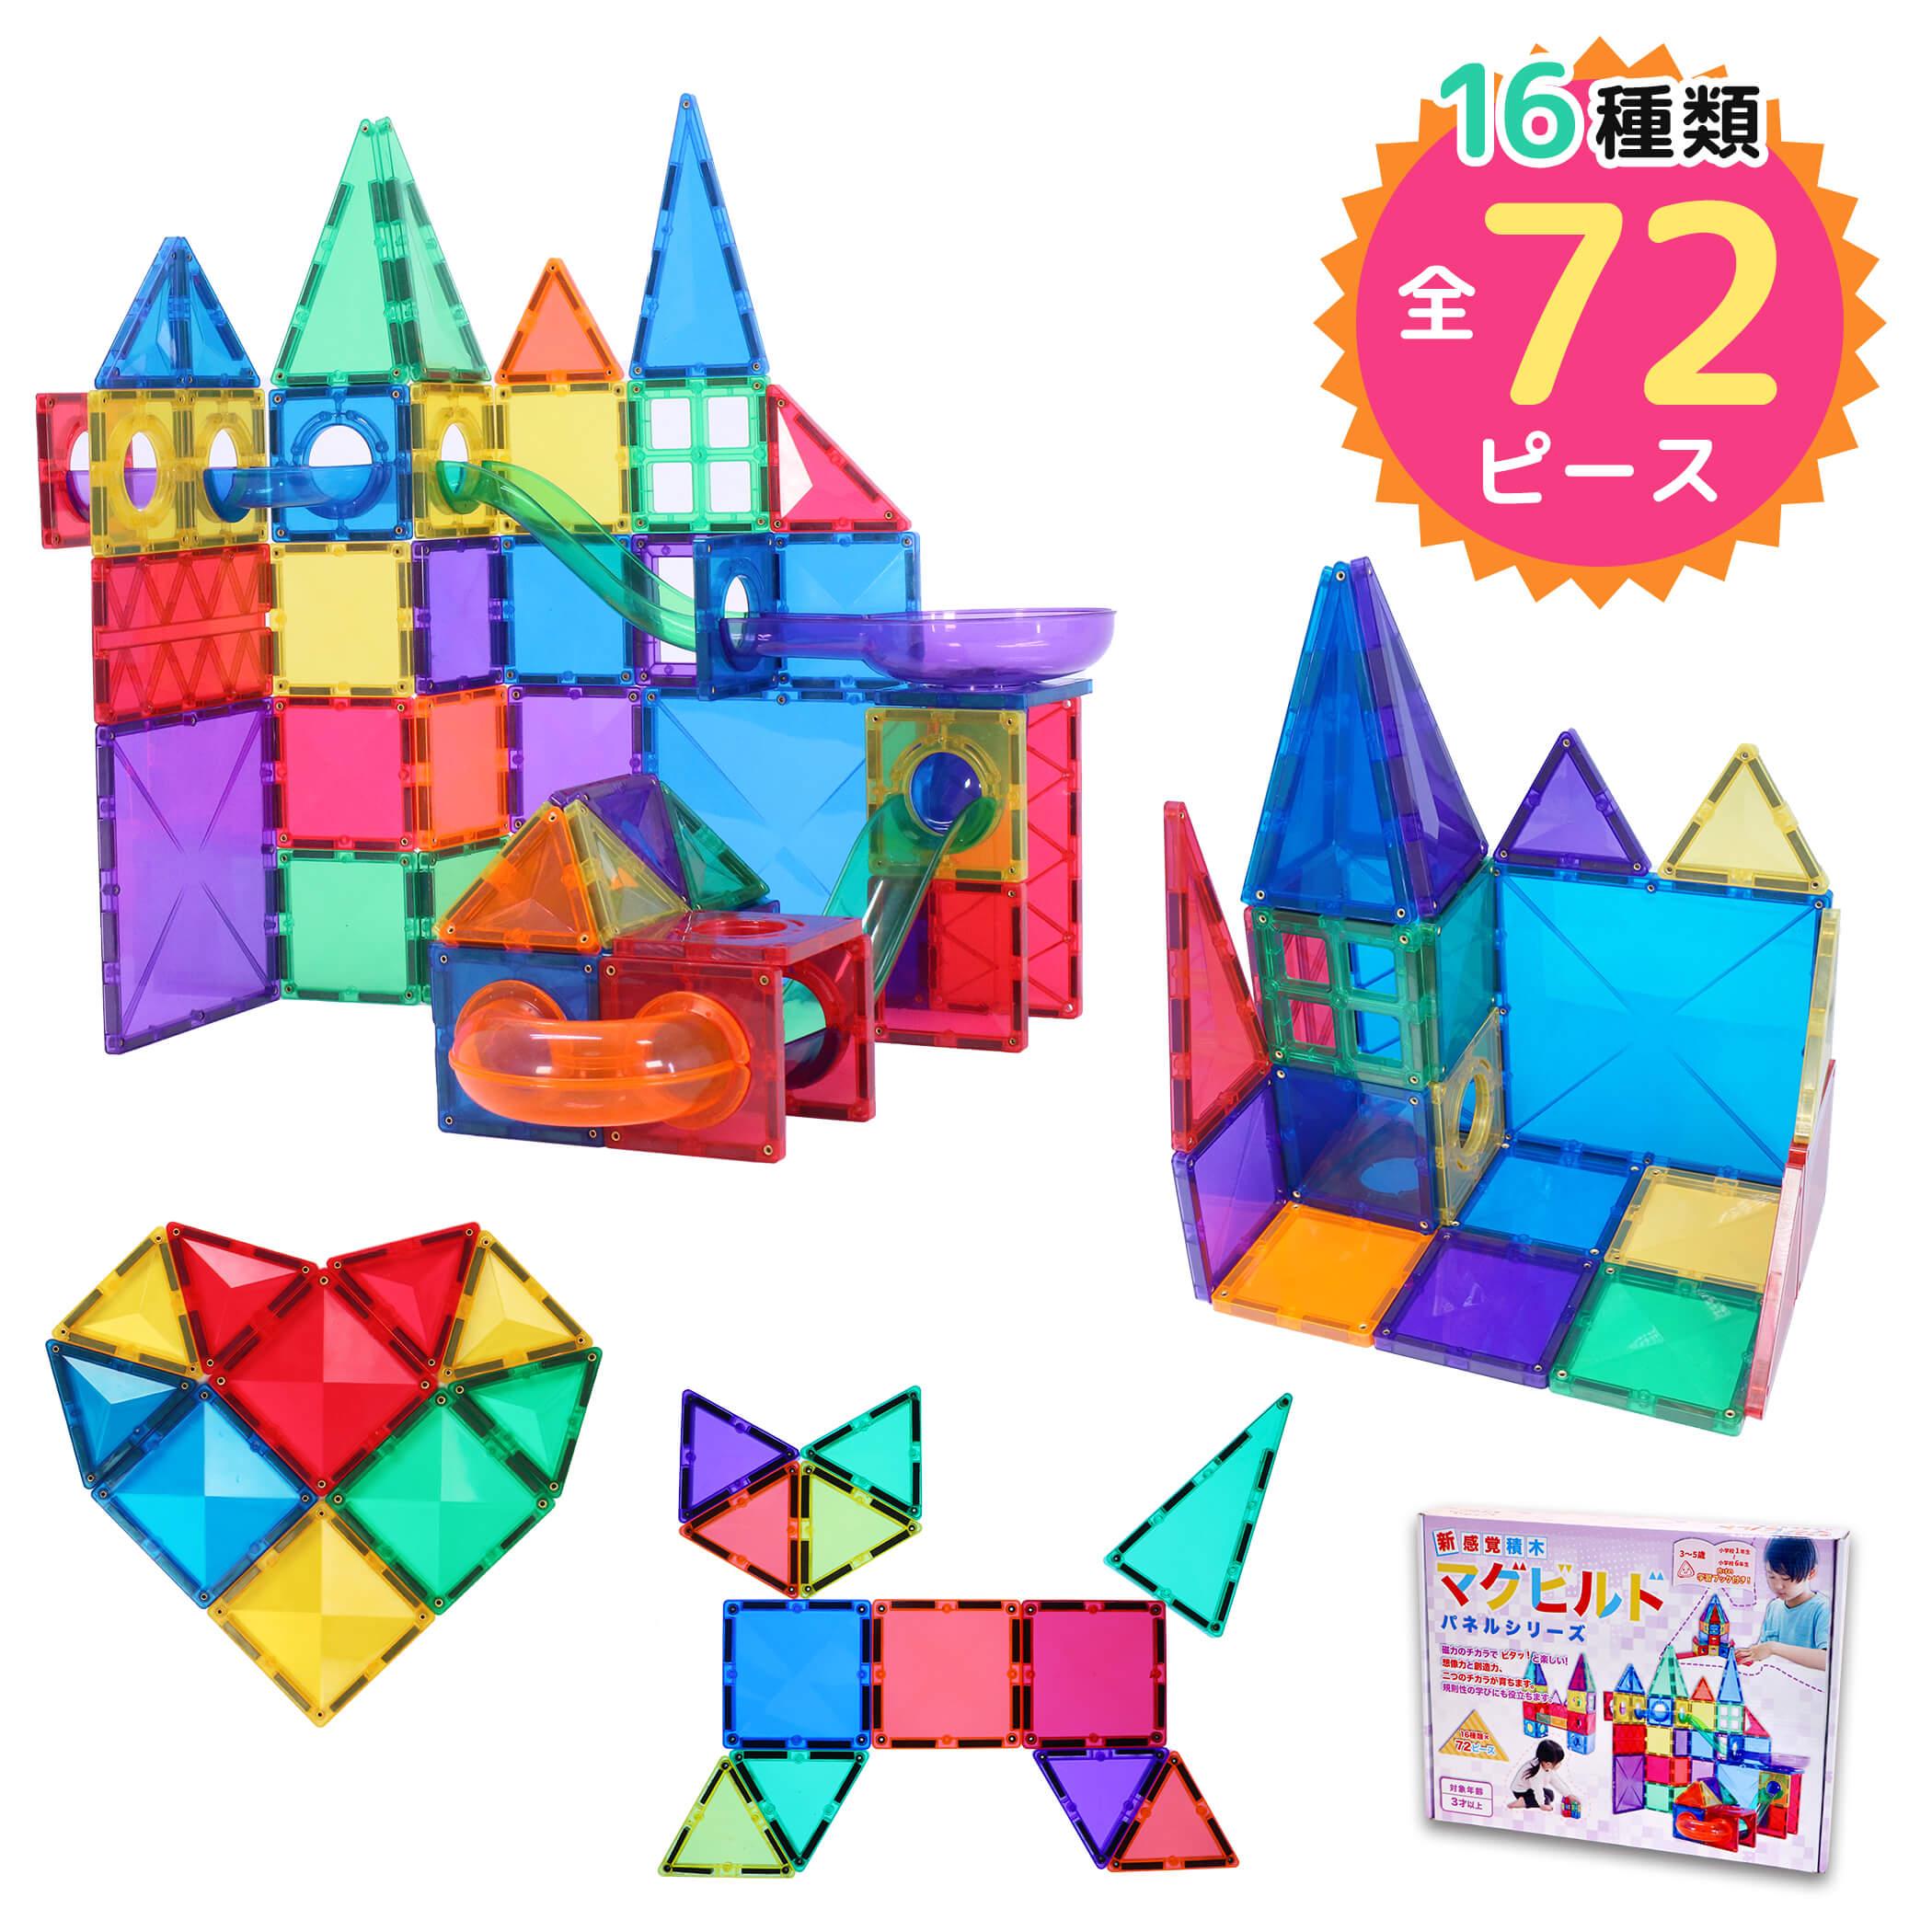 ランキング1位 知育ブロック玩具の決定版 6色のパーツにスロープとボールが追加 玉の道を組み立てよう 子どもから大人まで遊べる全72ピースのマグネットブロック KitWell キットウェル マグビルド パネル スロープセット 72ピース 知育玩具 学習ブック付き 知育ブロック カラフル 立体パズル <セール&特集> 積み木 幼児 お祝い おすすめ特集 女の子 6歳 マグネットおもちゃ マグネットブロック クリスマス 5歳 磁石 男の子 子供 誕生日 3歳 プレゼント 4歳